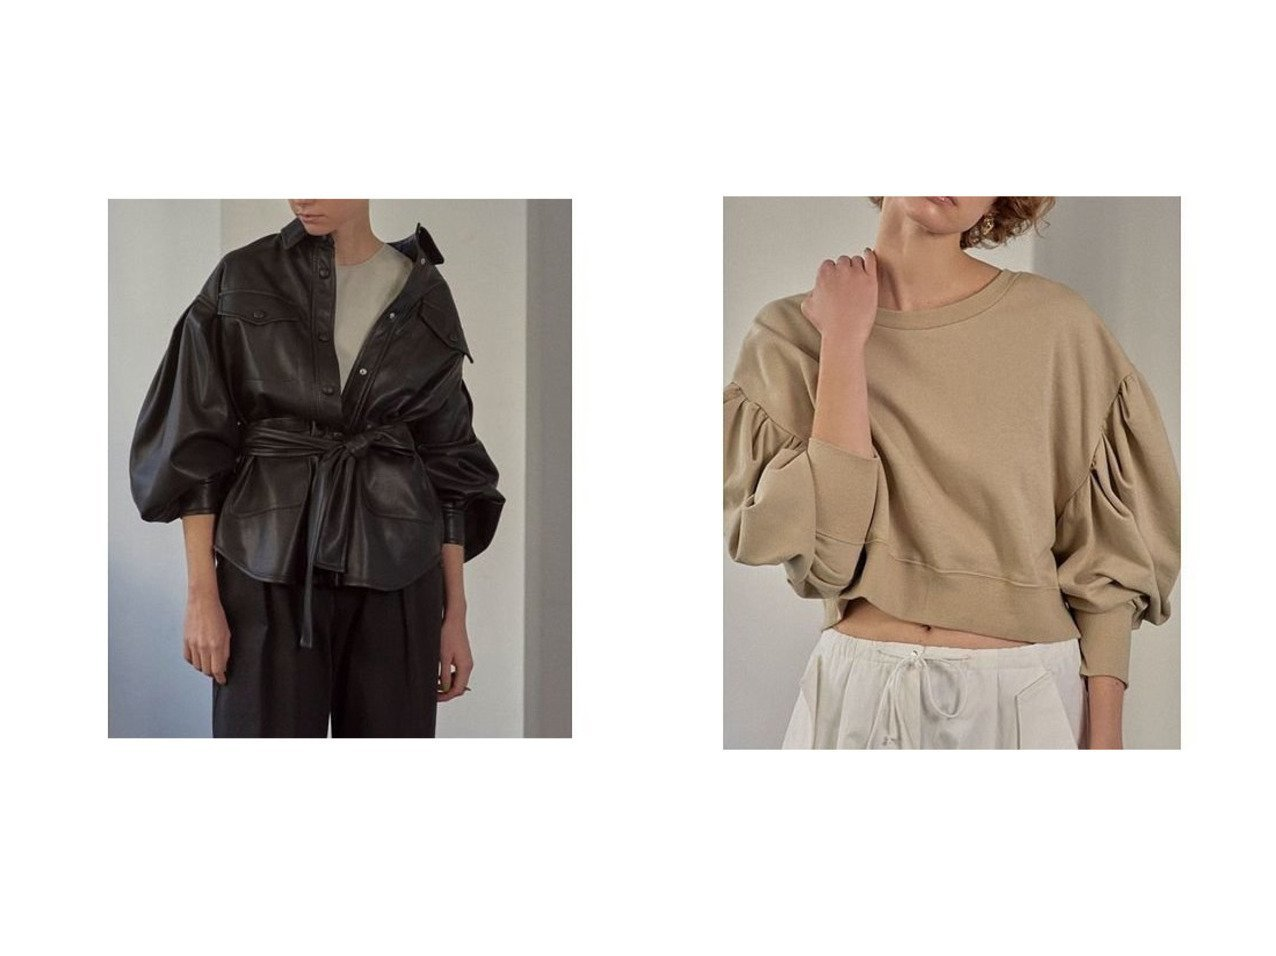 【ETRE TOKYO/エトレトウキョウ】のウエストベルトフェイクレザーシャツ&コットンパワショルスウェット トップス・カットソーのおすすめ!人気、トレンド・レディースファッションの通販 おすすめで人気の流行・トレンド、ファッションの通販商品 メンズファッション・キッズファッション・インテリア・家具・レディースファッション・服の通販 founy(ファニー) https://founy.com/ ファッション Fashion レディースファッション WOMEN トップス カットソー Tops Tshirt シャツ/ブラウス Shirts Blouses ベルト Belts パーカ Sweats スウェット Sweat NEW・新作・新着・新入荷 New Arrivals おすすめ Recommend コーティング スリーブ バルーン リアル ギャザー ショルダー ショート バランス フェミニン ループ  ID:crp329100000022862